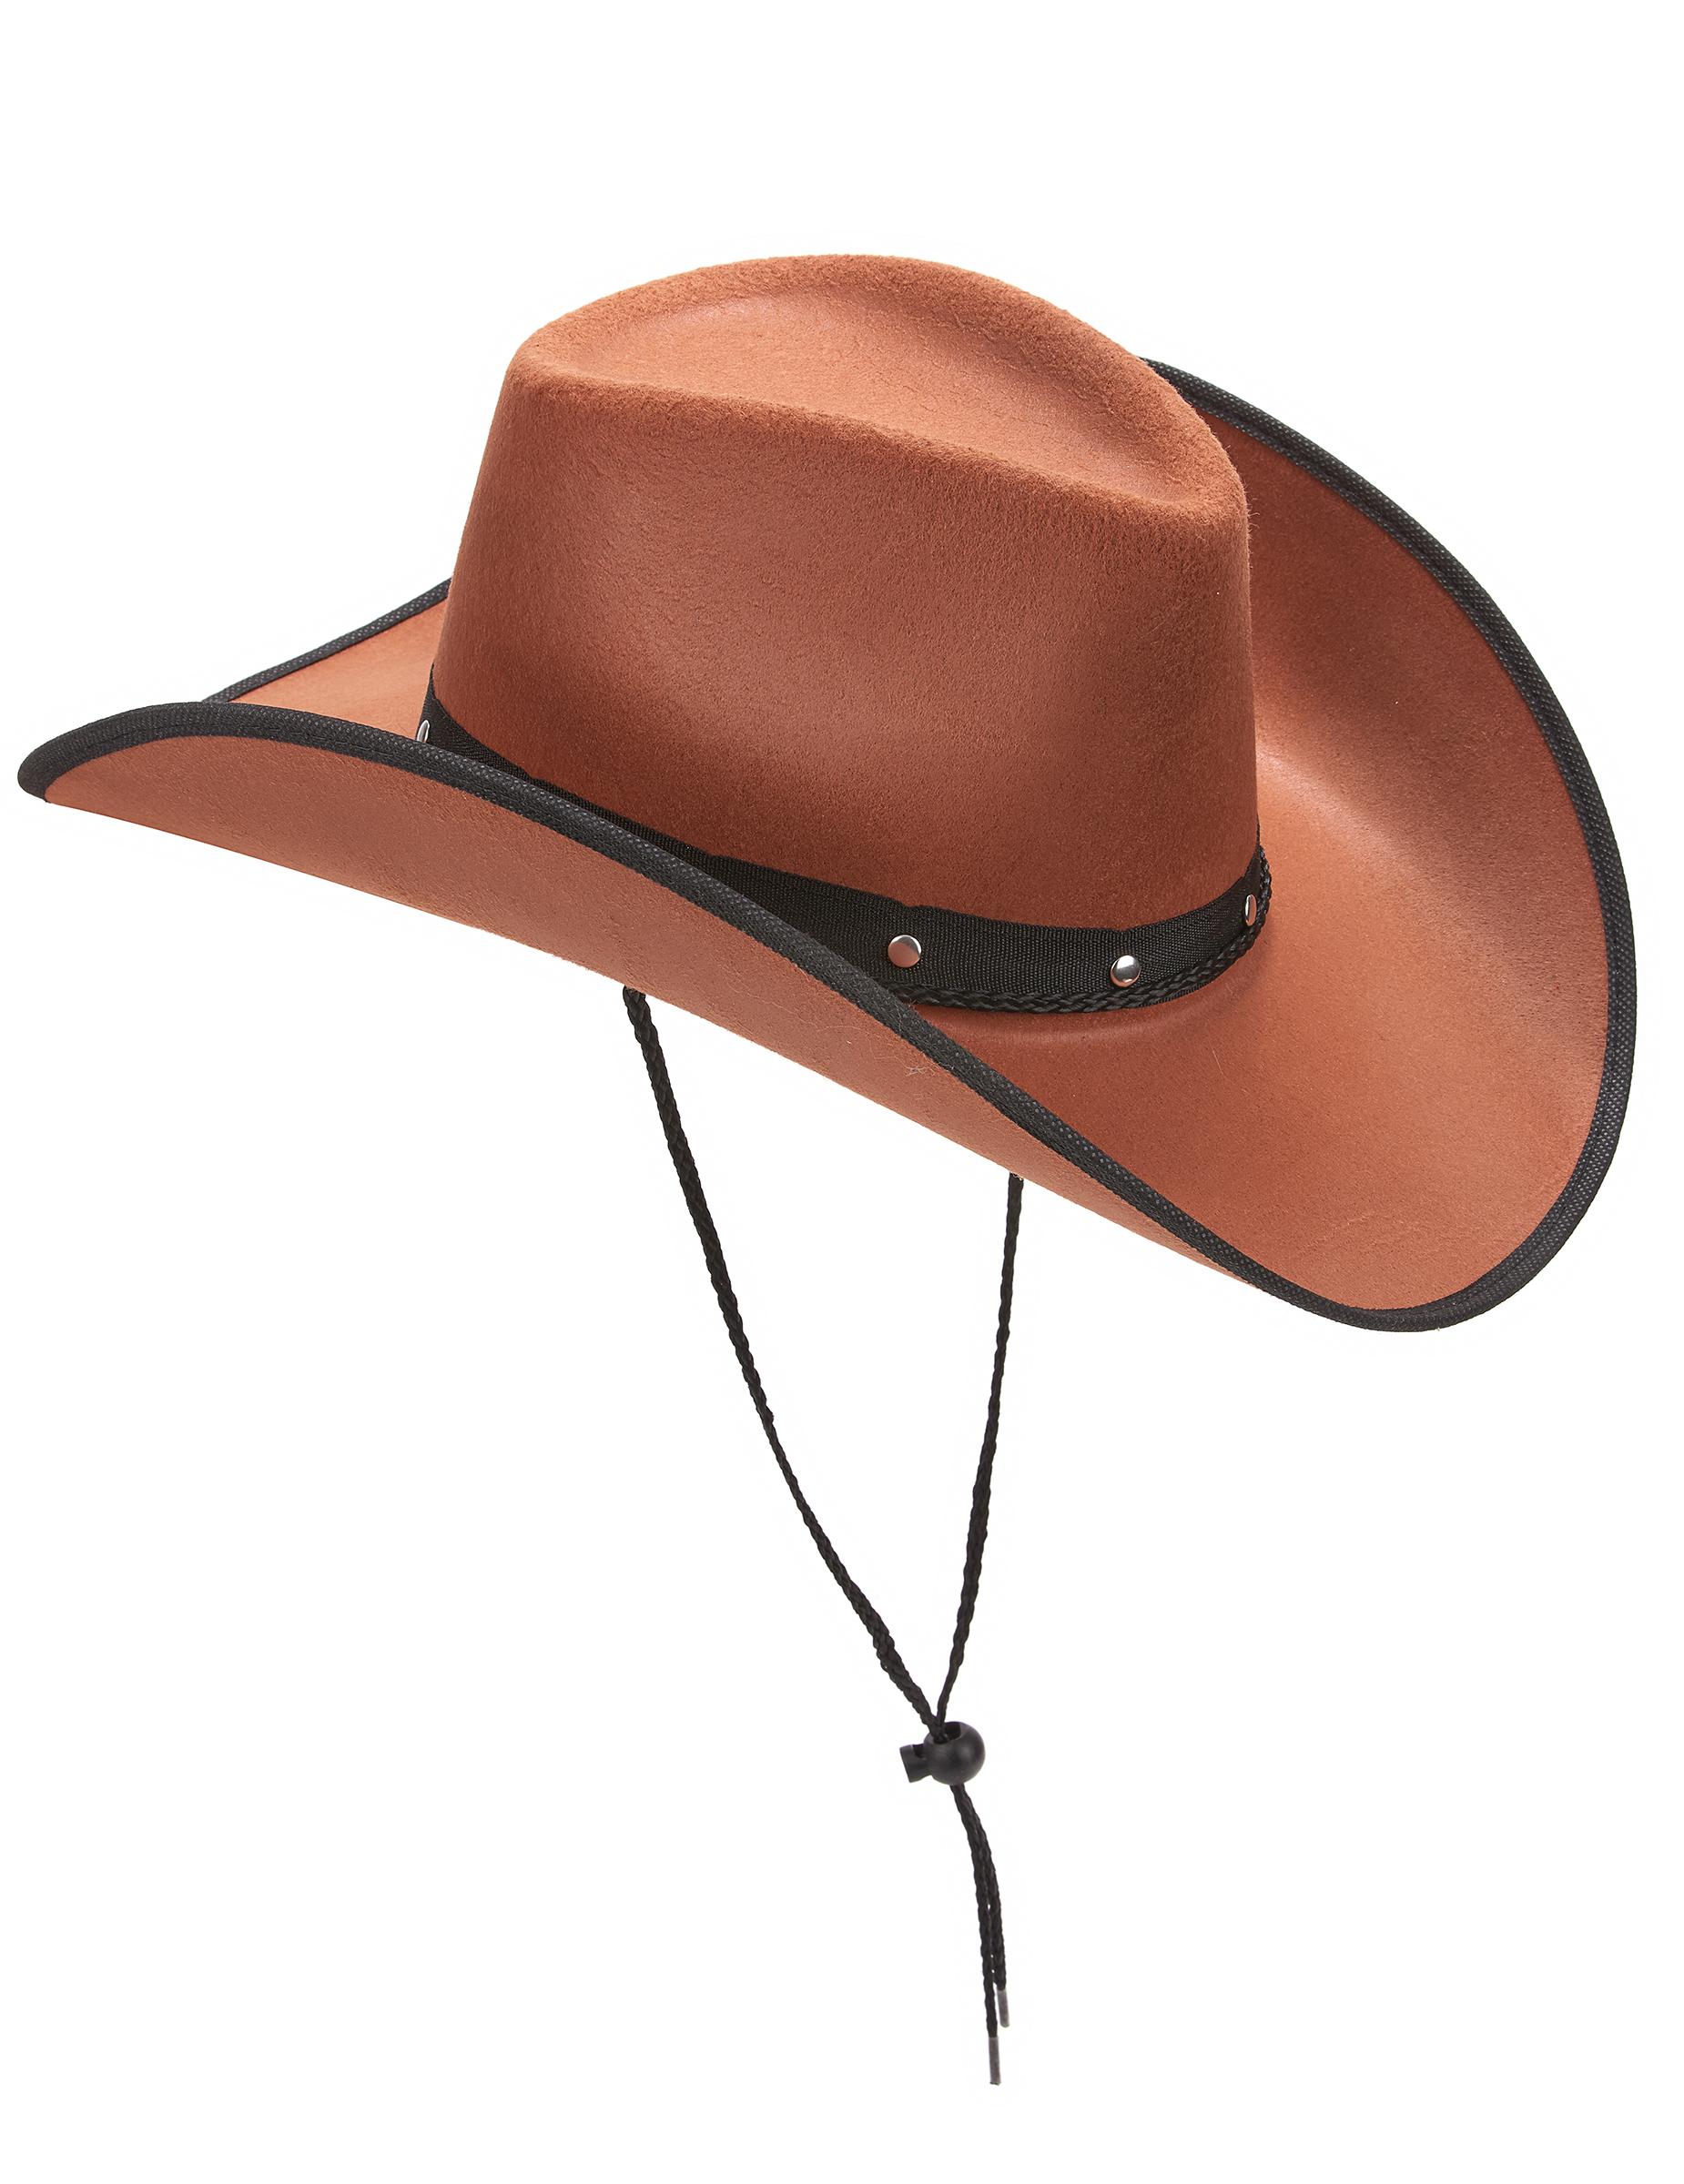 Sombrero de vaquero marrón para adulto  Sombreros cd040f1b295